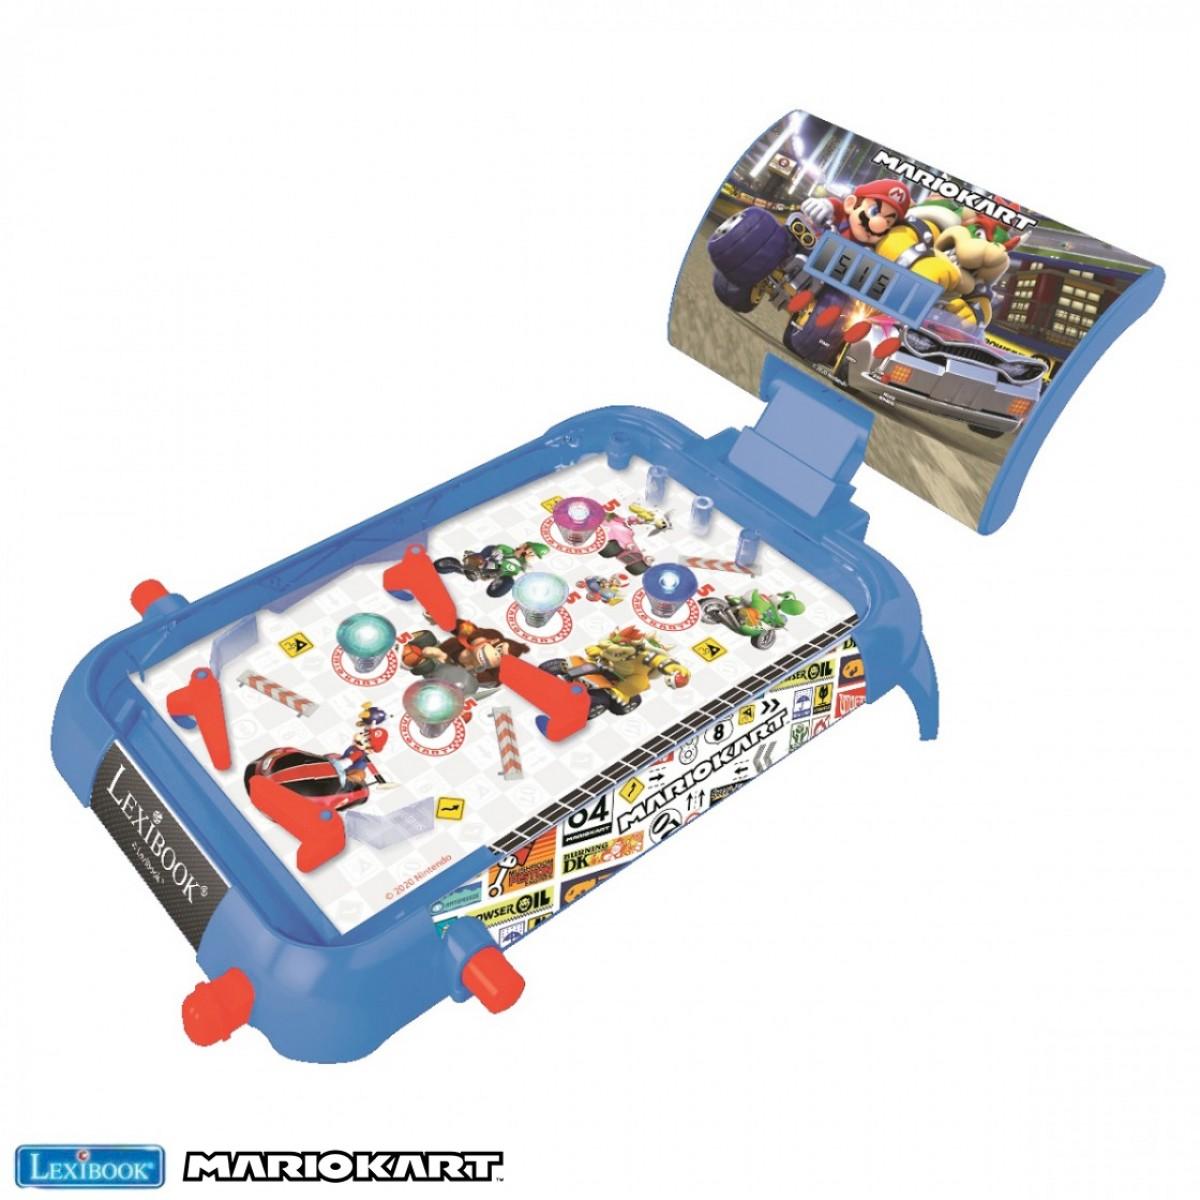 Mario Kart elektronisches Flipperspiel, Action- und Reflexspiel für Kinder und Familien